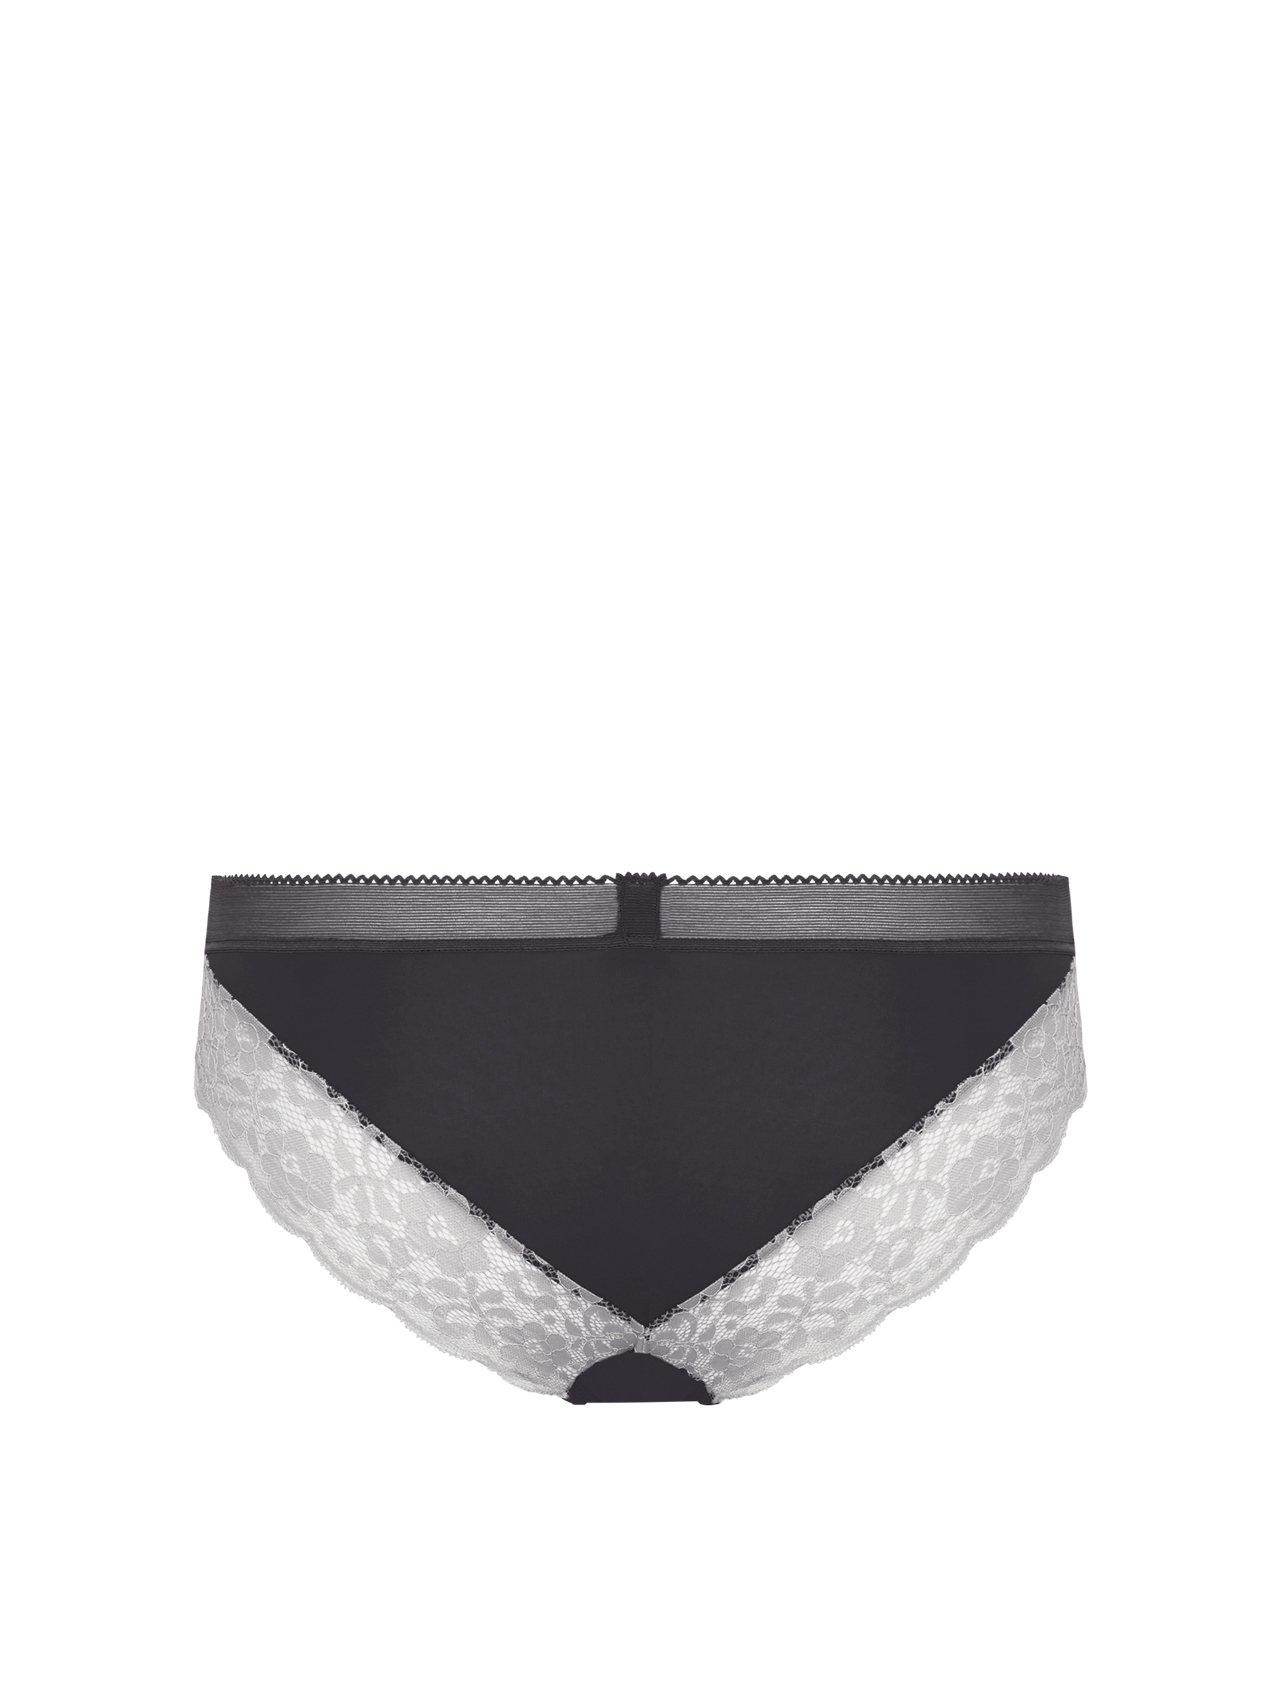 Quần lưng thấp - Bikini - 0123A